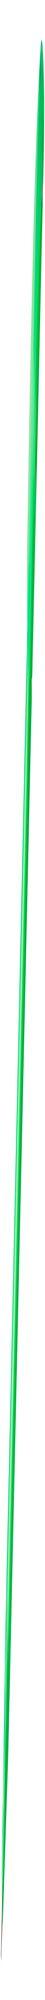 Ручка шариковая Prodir DS3 TFF Ring, светло-зеленая с серым